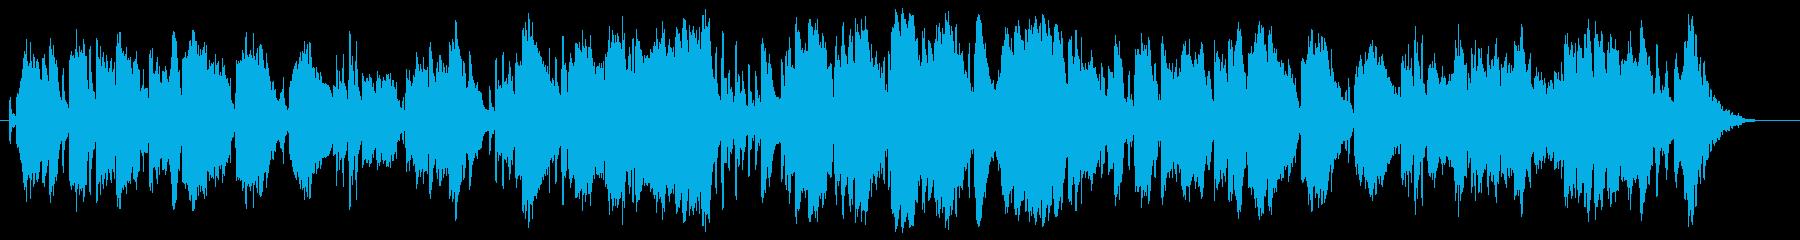 ソプラノサックスによるバッハ風BGMの再生済みの波形